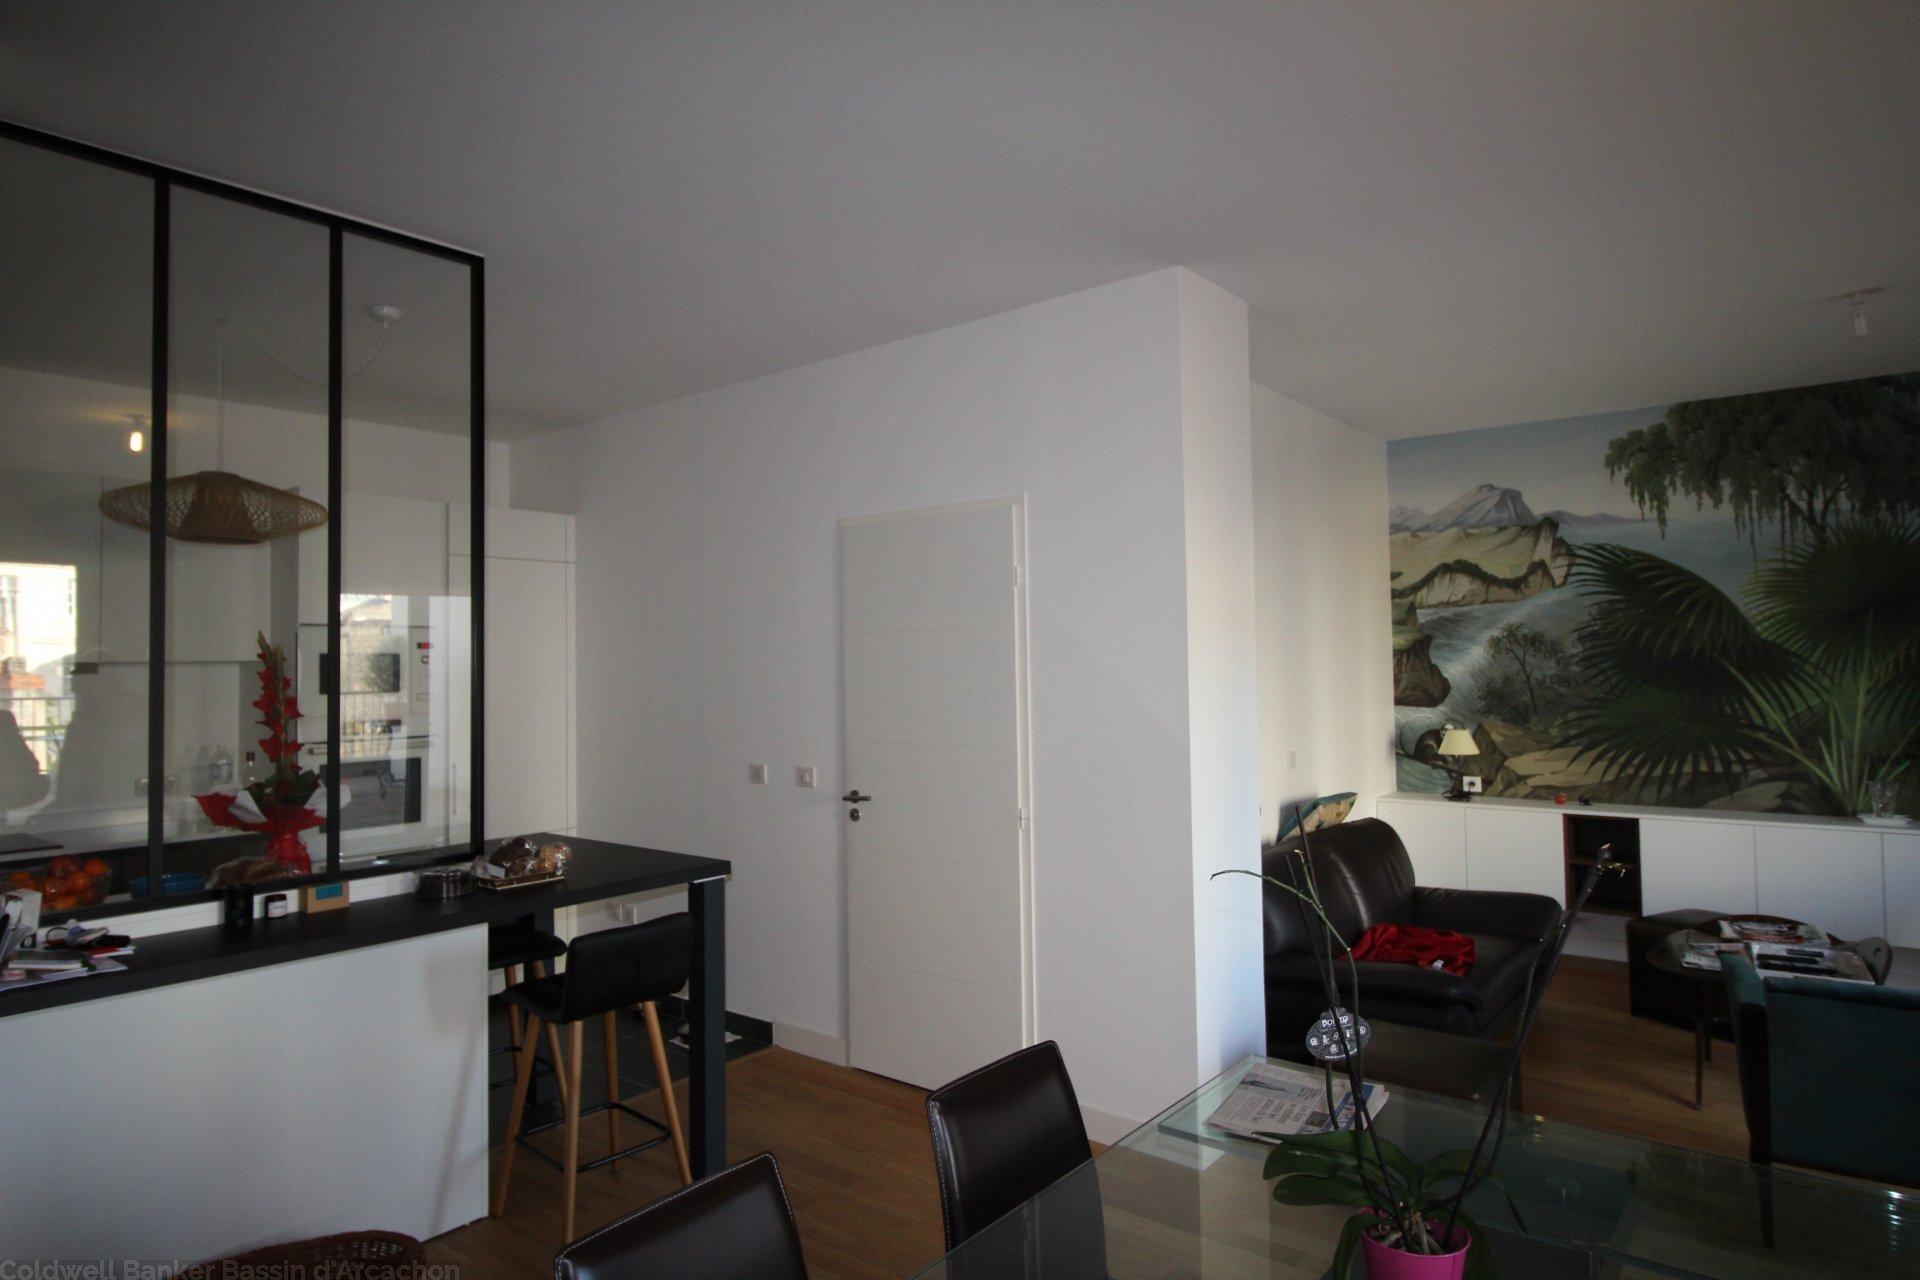 Vente appartement 2 chambres avec terrasse bordeaux hyper centre